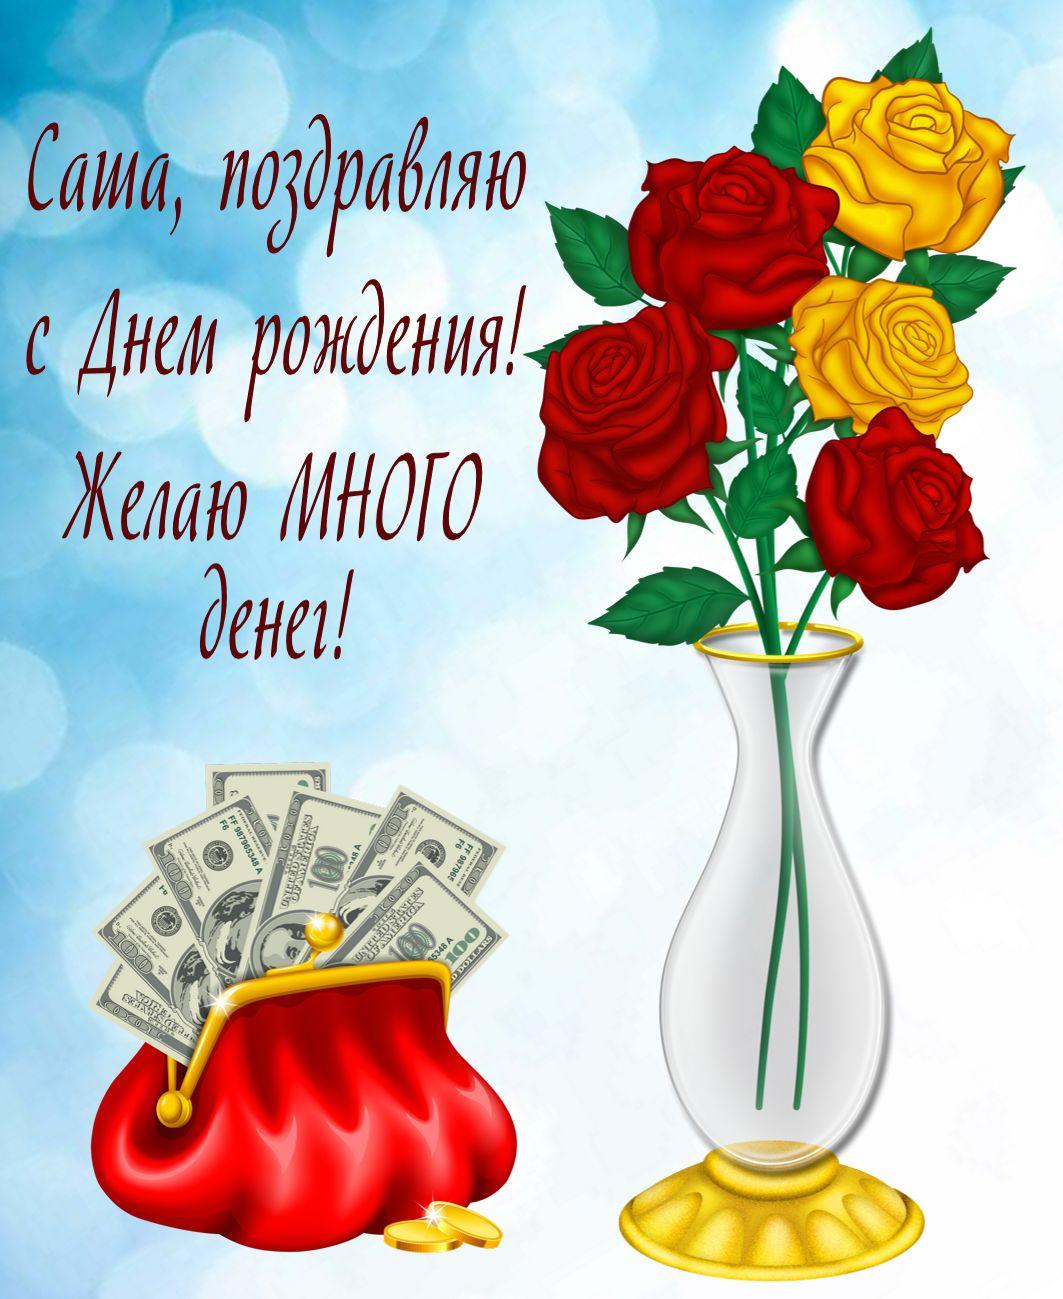 открытка - розы и кошелек с долларами Саше на День рождения